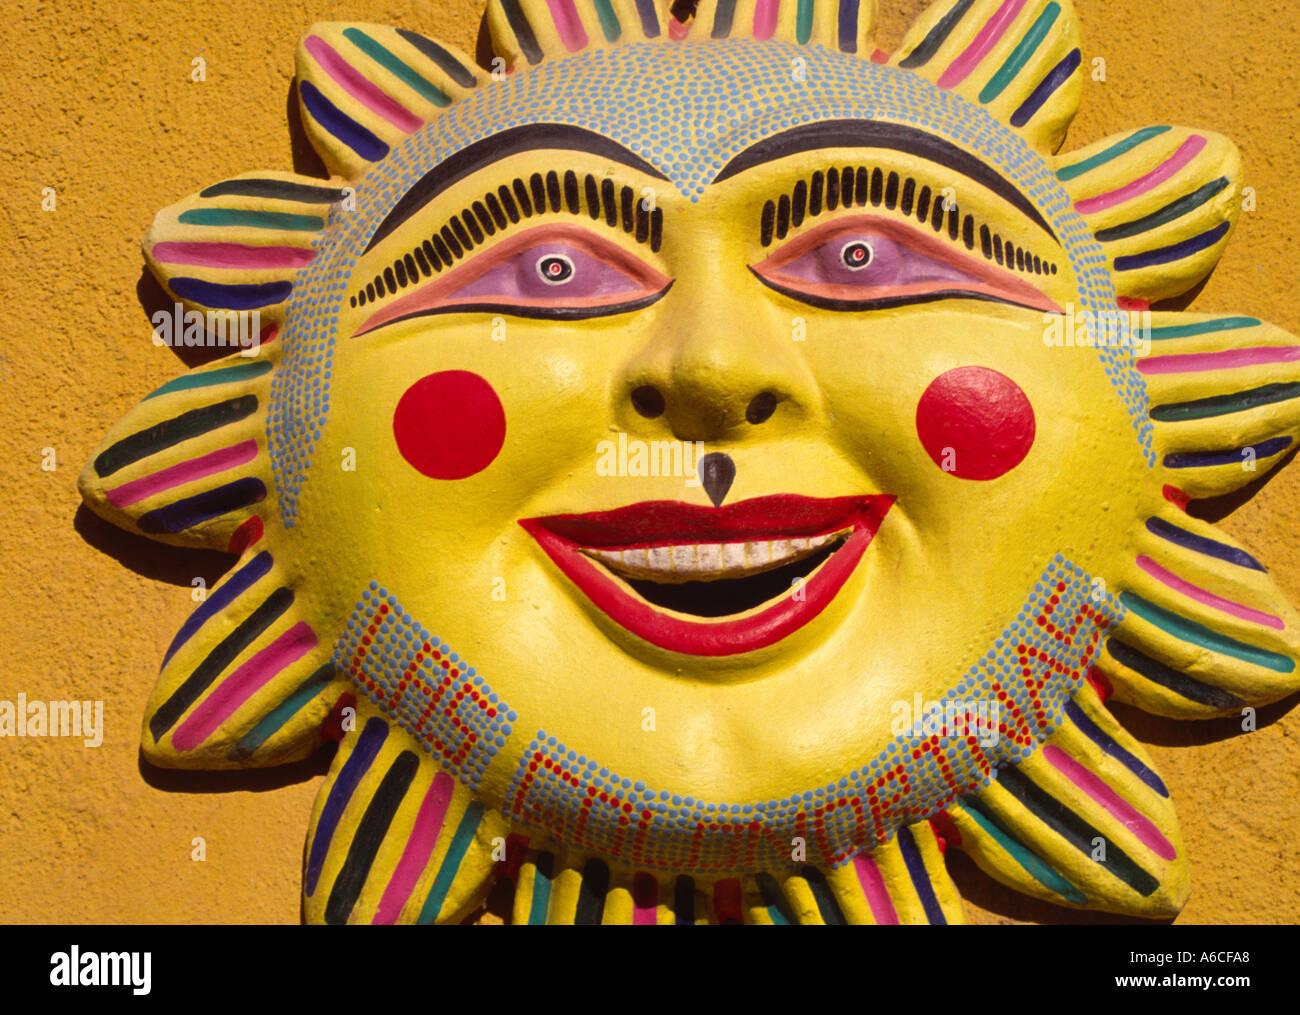 Smiling Ceramic Sun Stock Photos & Smiling Ceramic Sun Stock Images ...